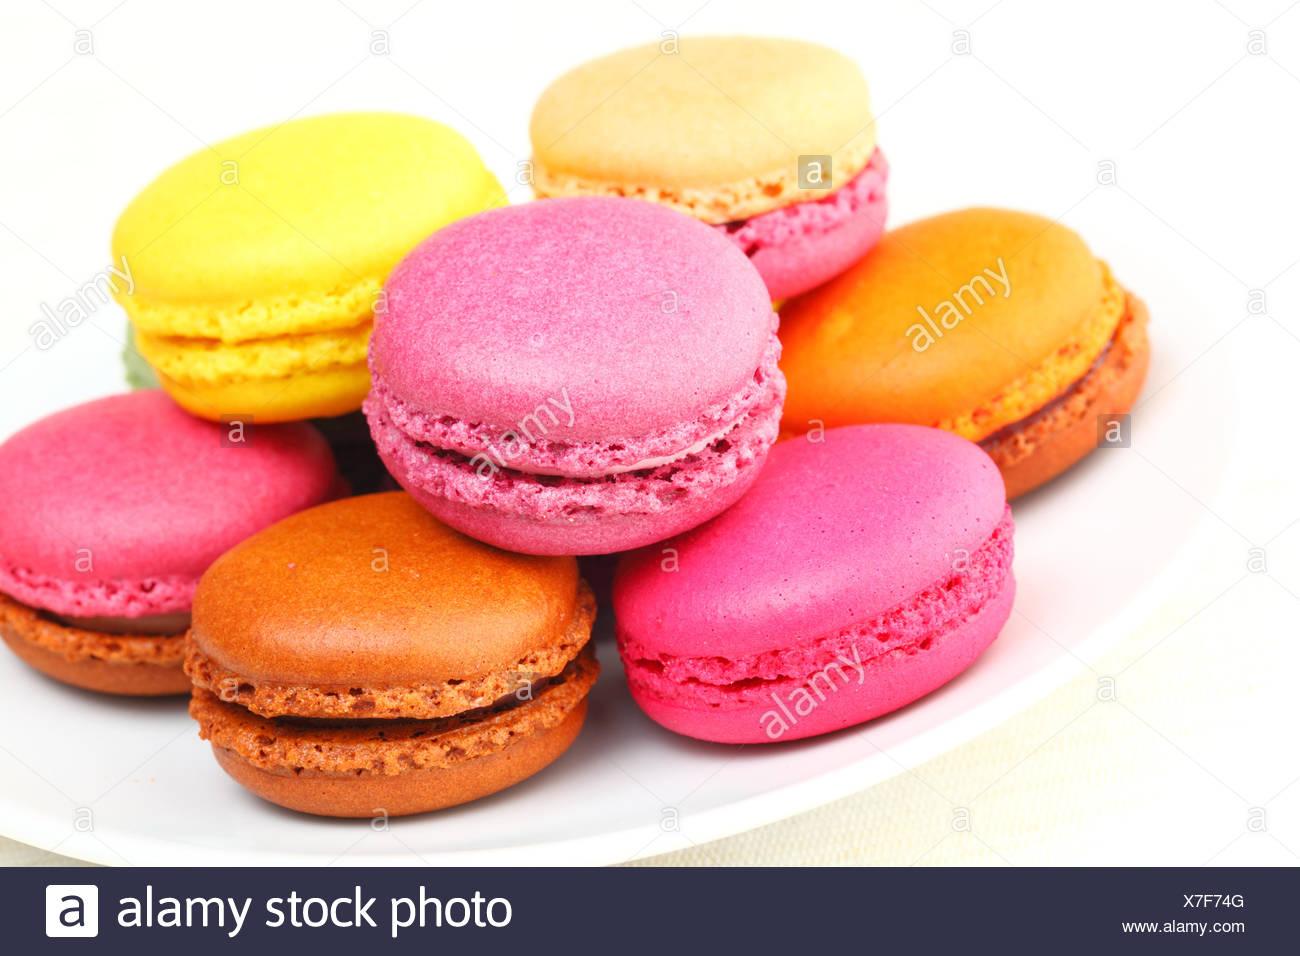 Gâteau sucré gâteaux tarte cookie Biscuit amande confiserie dessert macaron coloré confectinery vibrante plaque snack macron Photo Stock